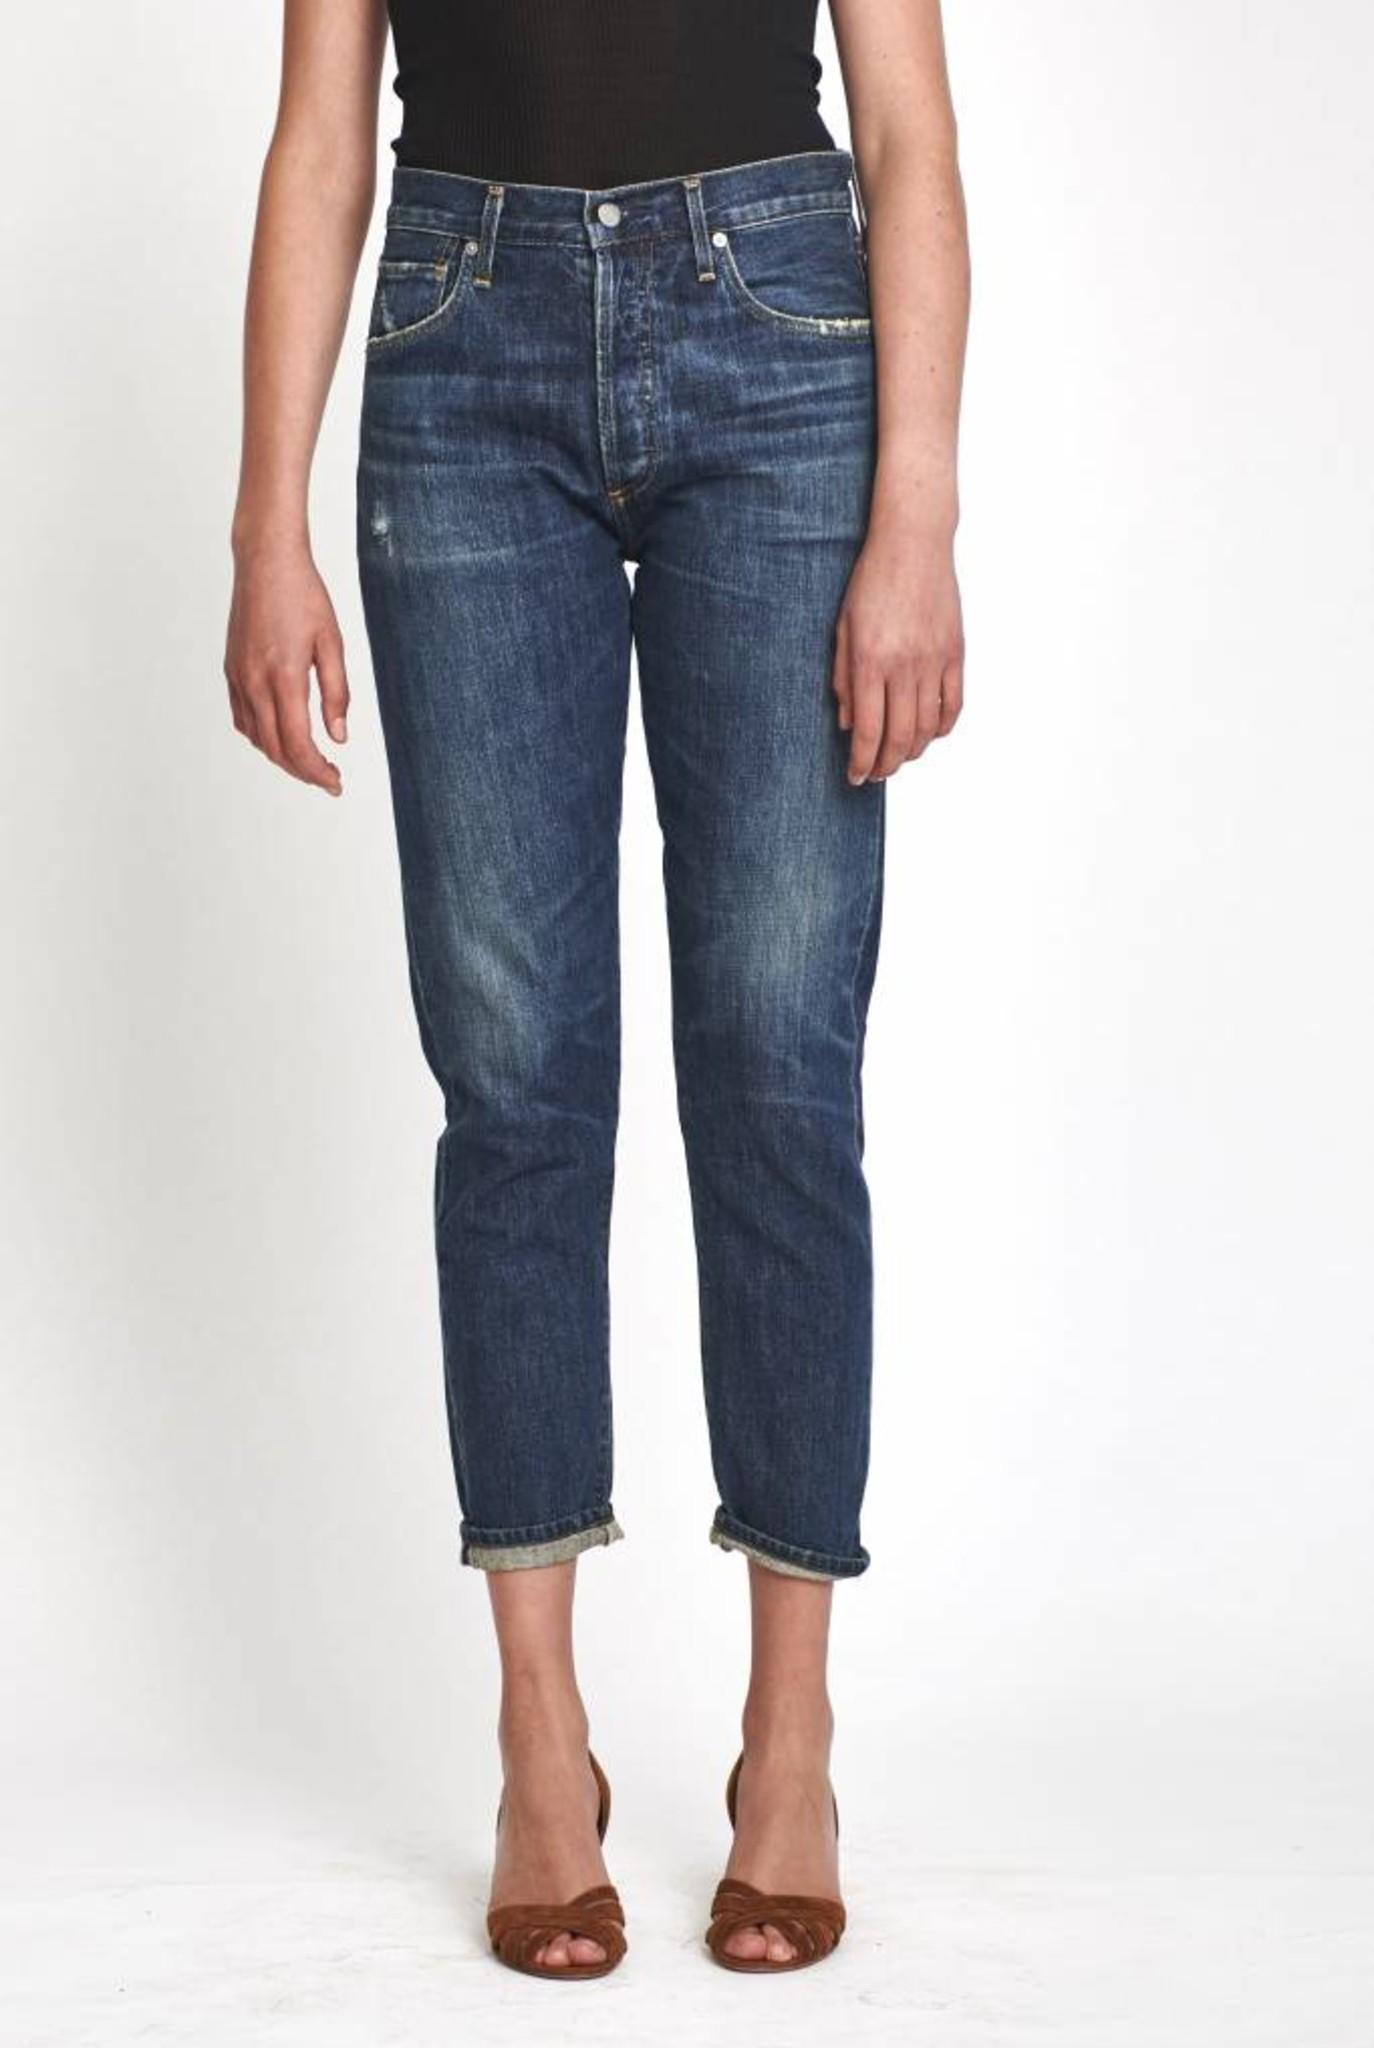 Liya jeans Views